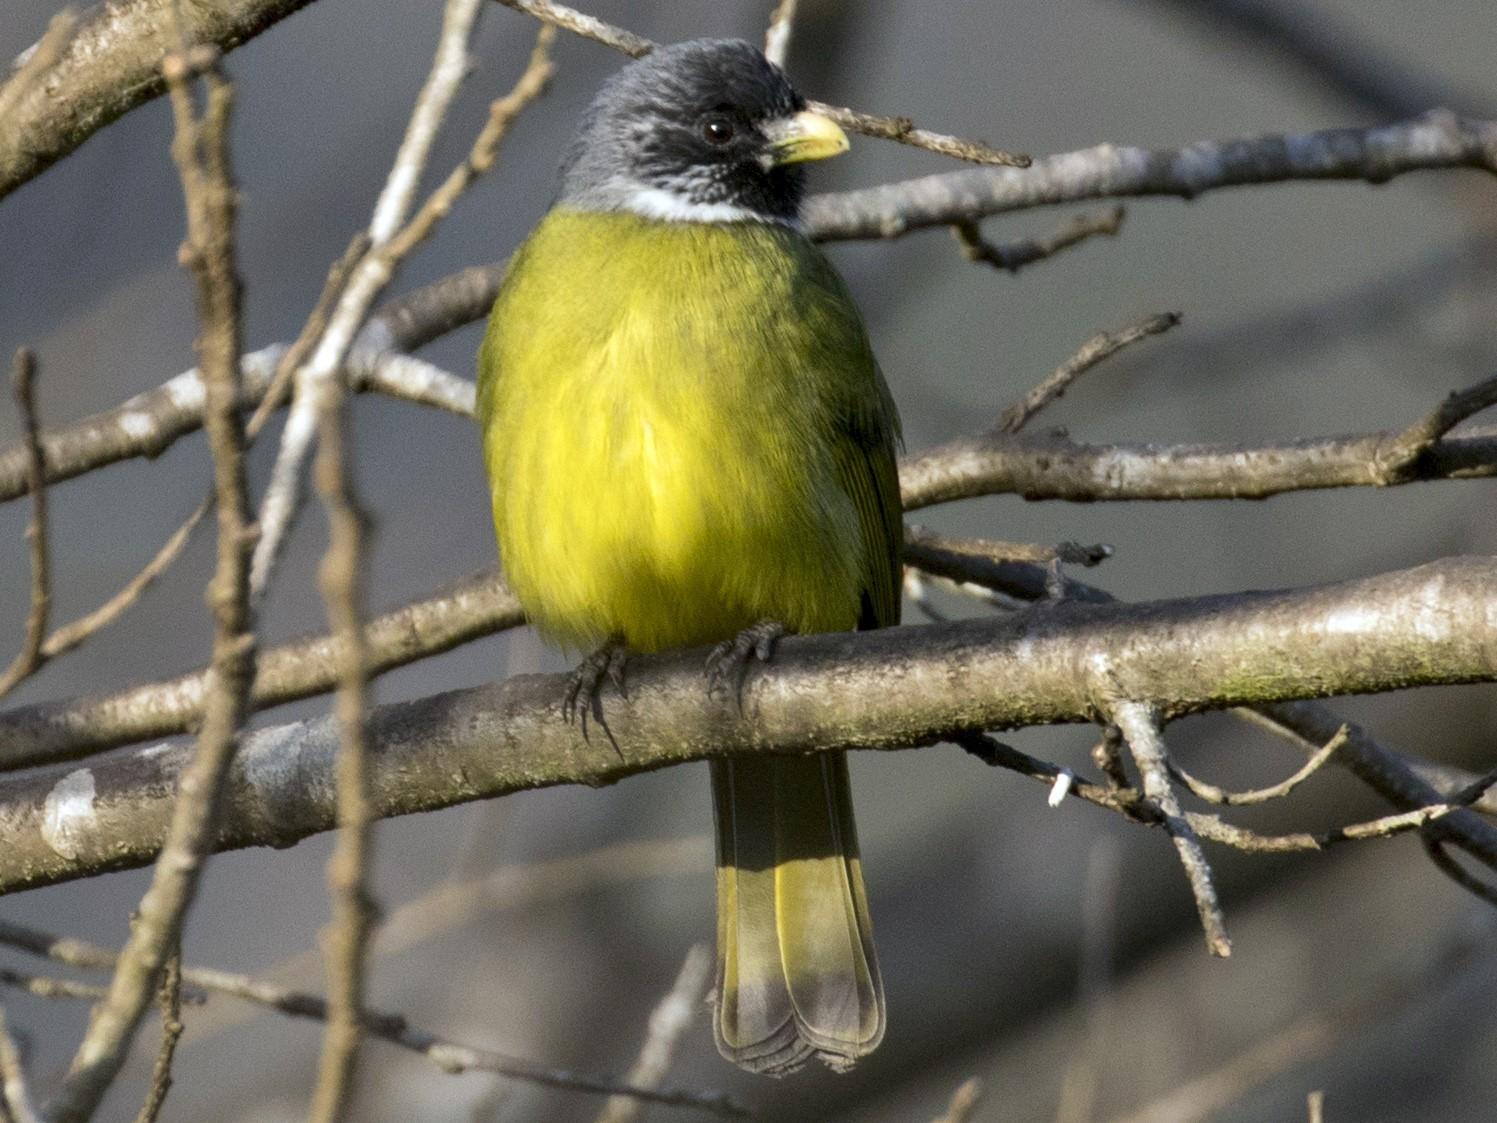 Collared Finchbill - Zongzhuang Sanderling Liu